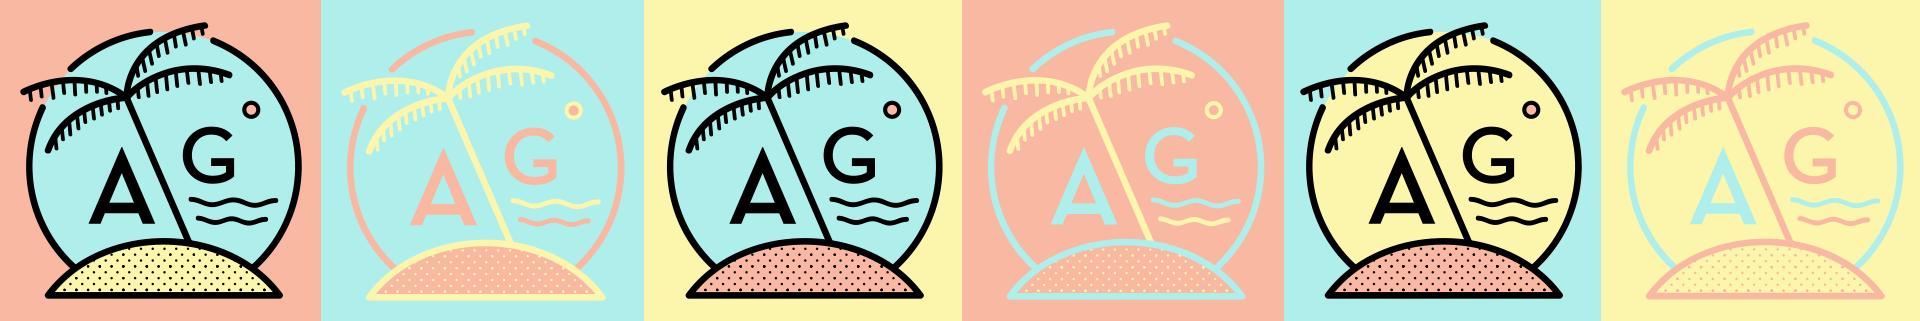 AG-LongStrip